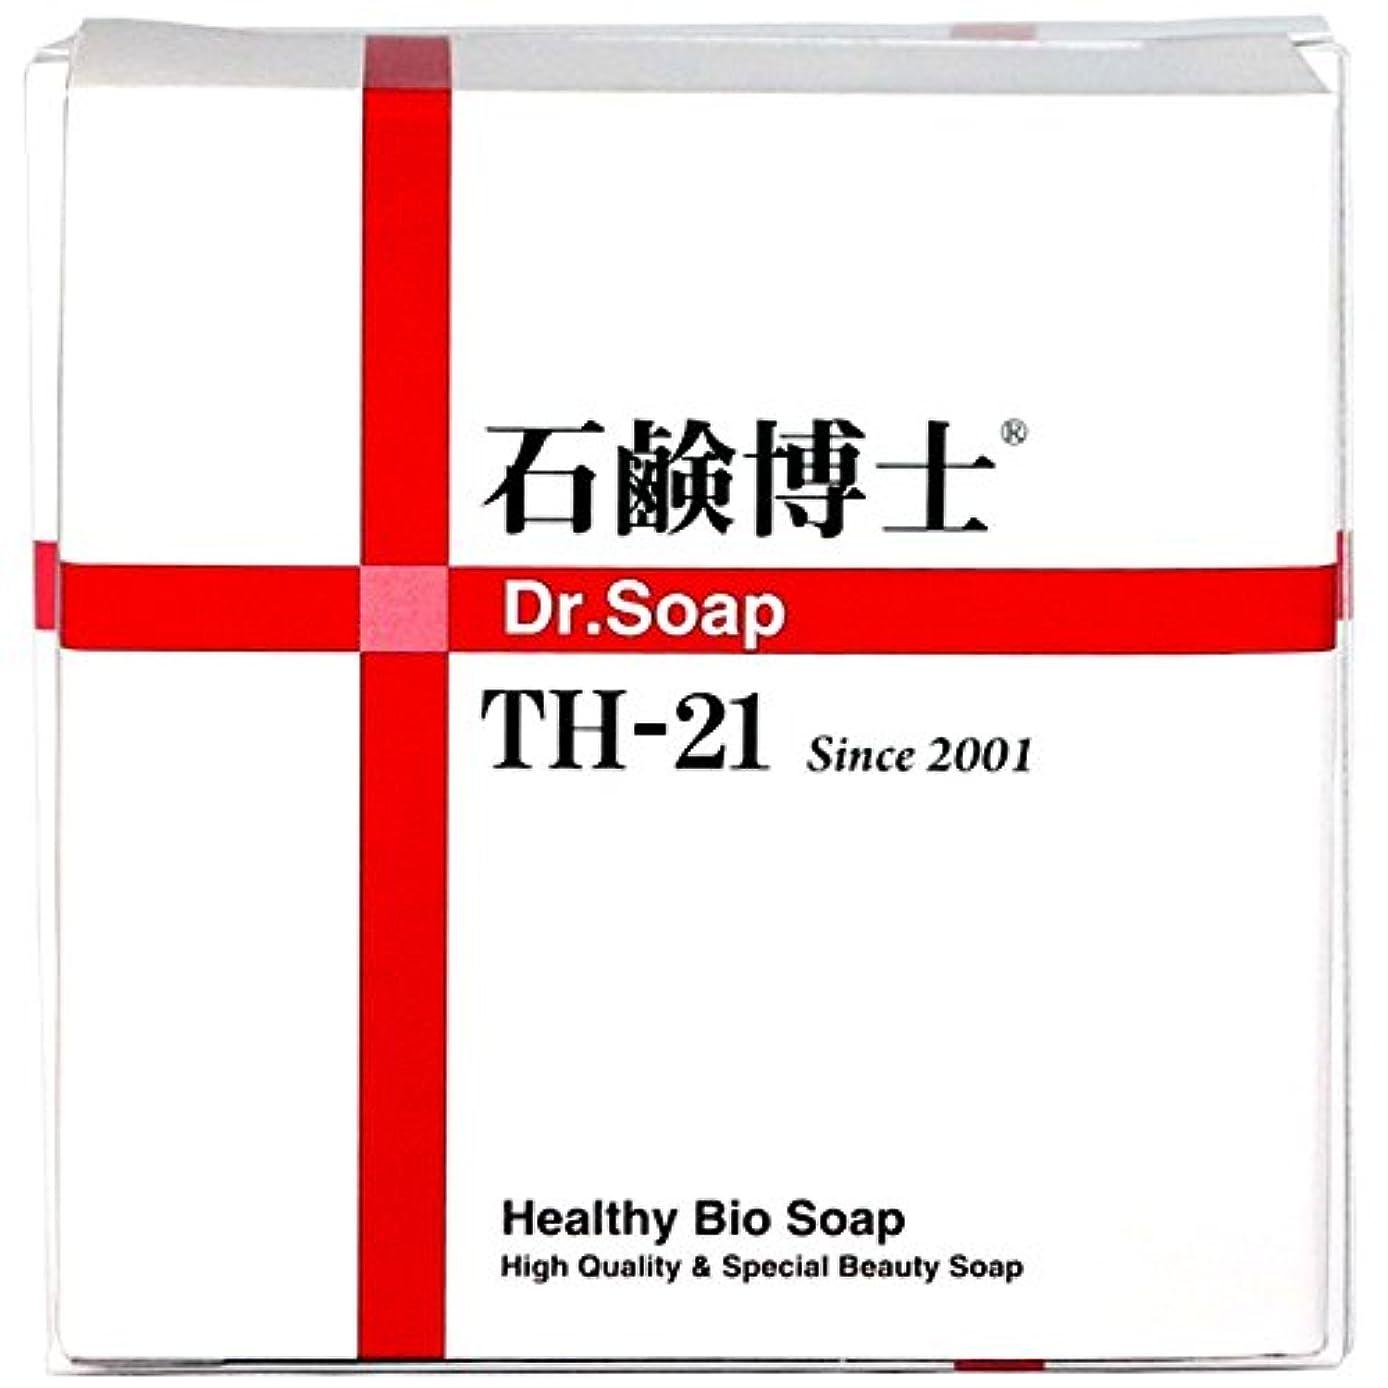 テレマコスレーザ再発するミネラルと分解酵素で洗顔しながらスキンケア 石鹸博士 DRソープ石鹸 Dr.Soap TH-21 100g